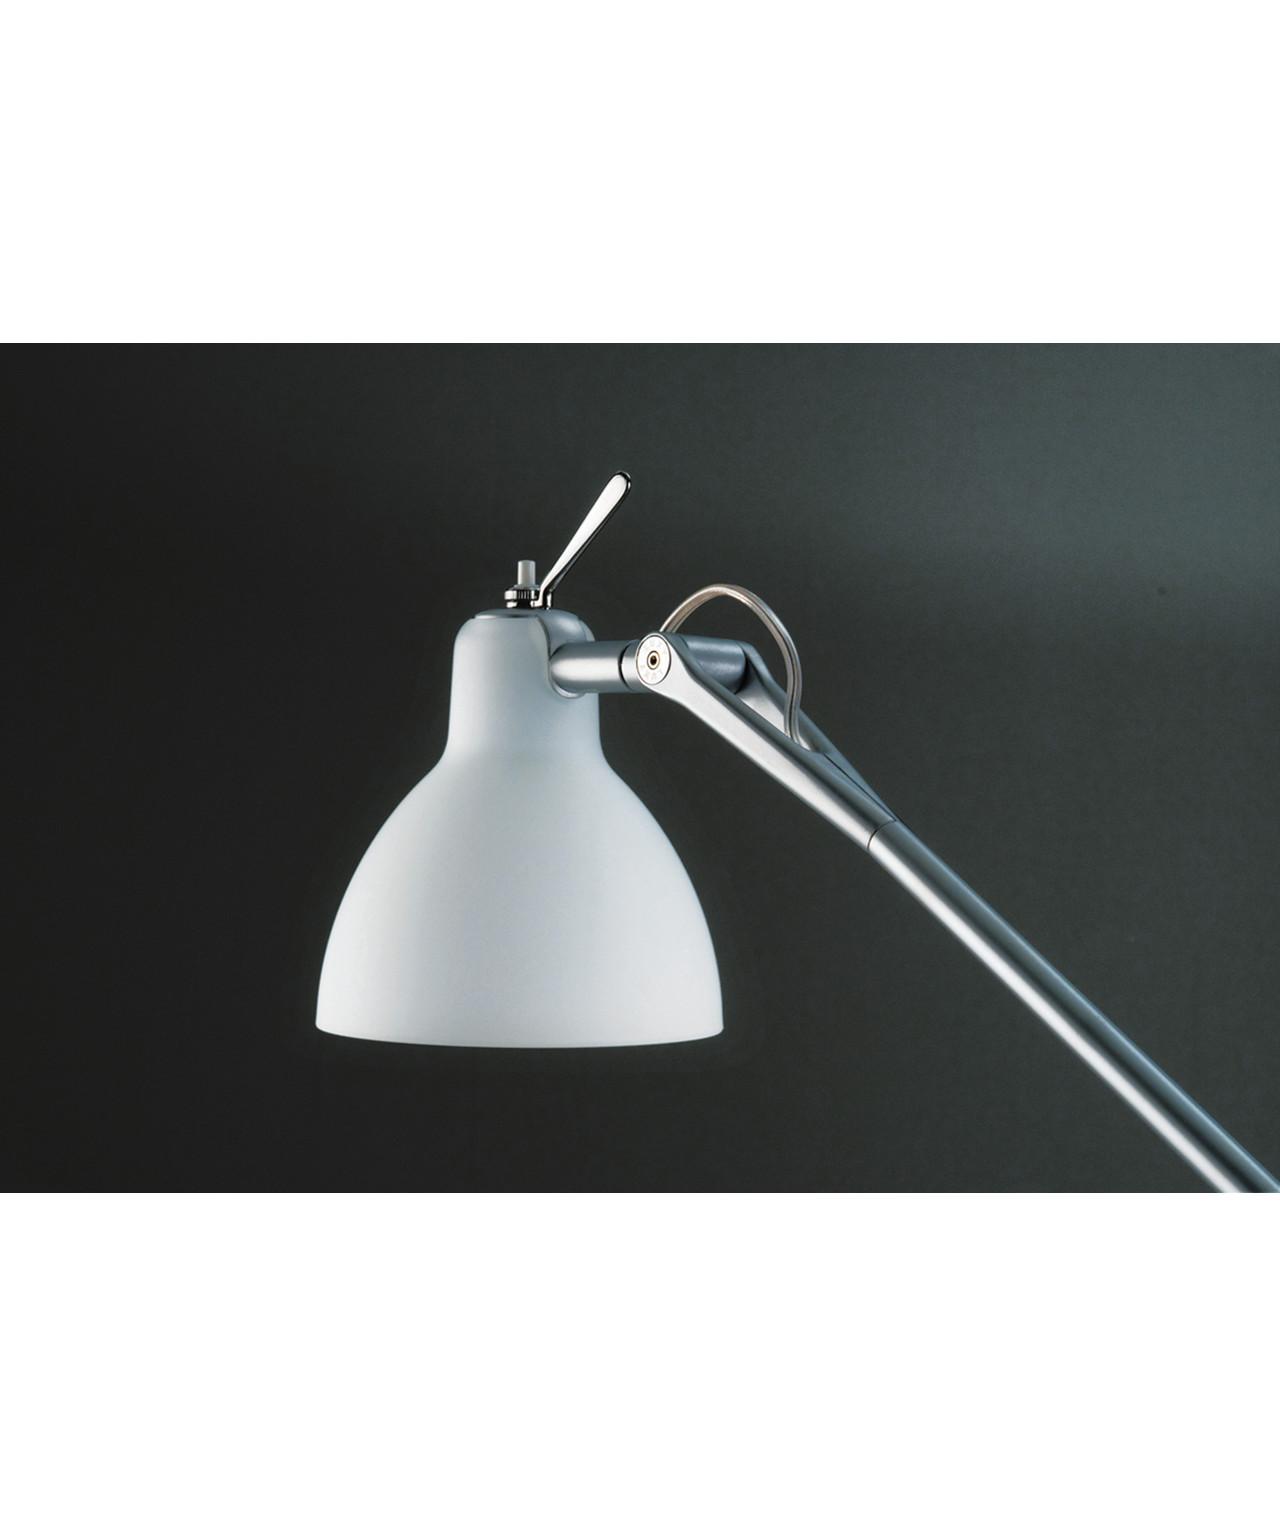 Luxy t1 bordlampe alu/blank hvid